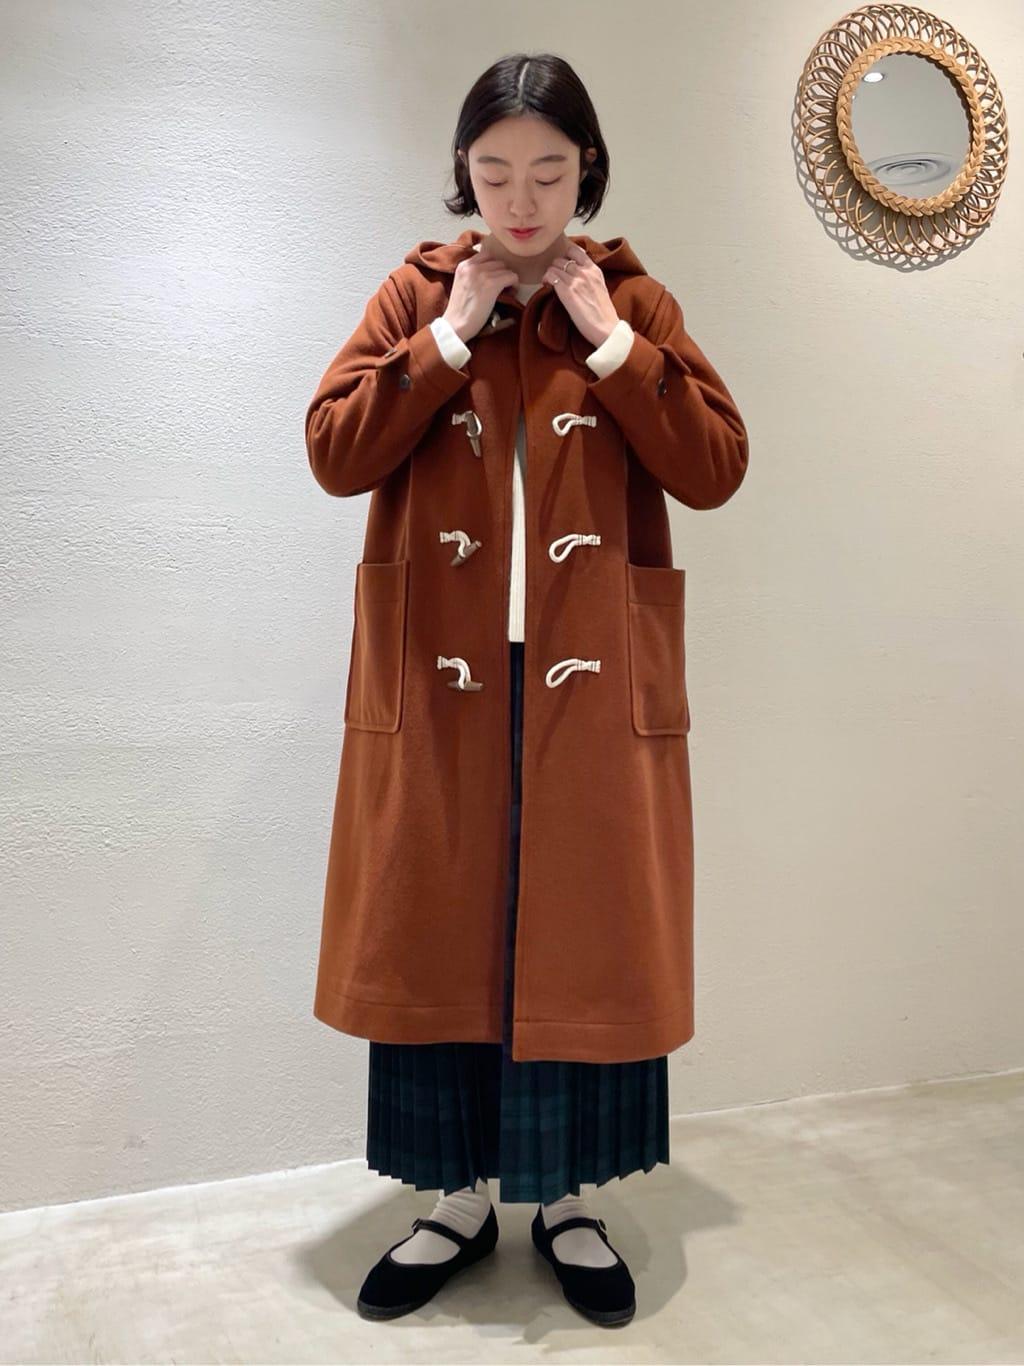 【 NEW 】yuni ニュウマン横浜 身長:166cm 2021.10.28